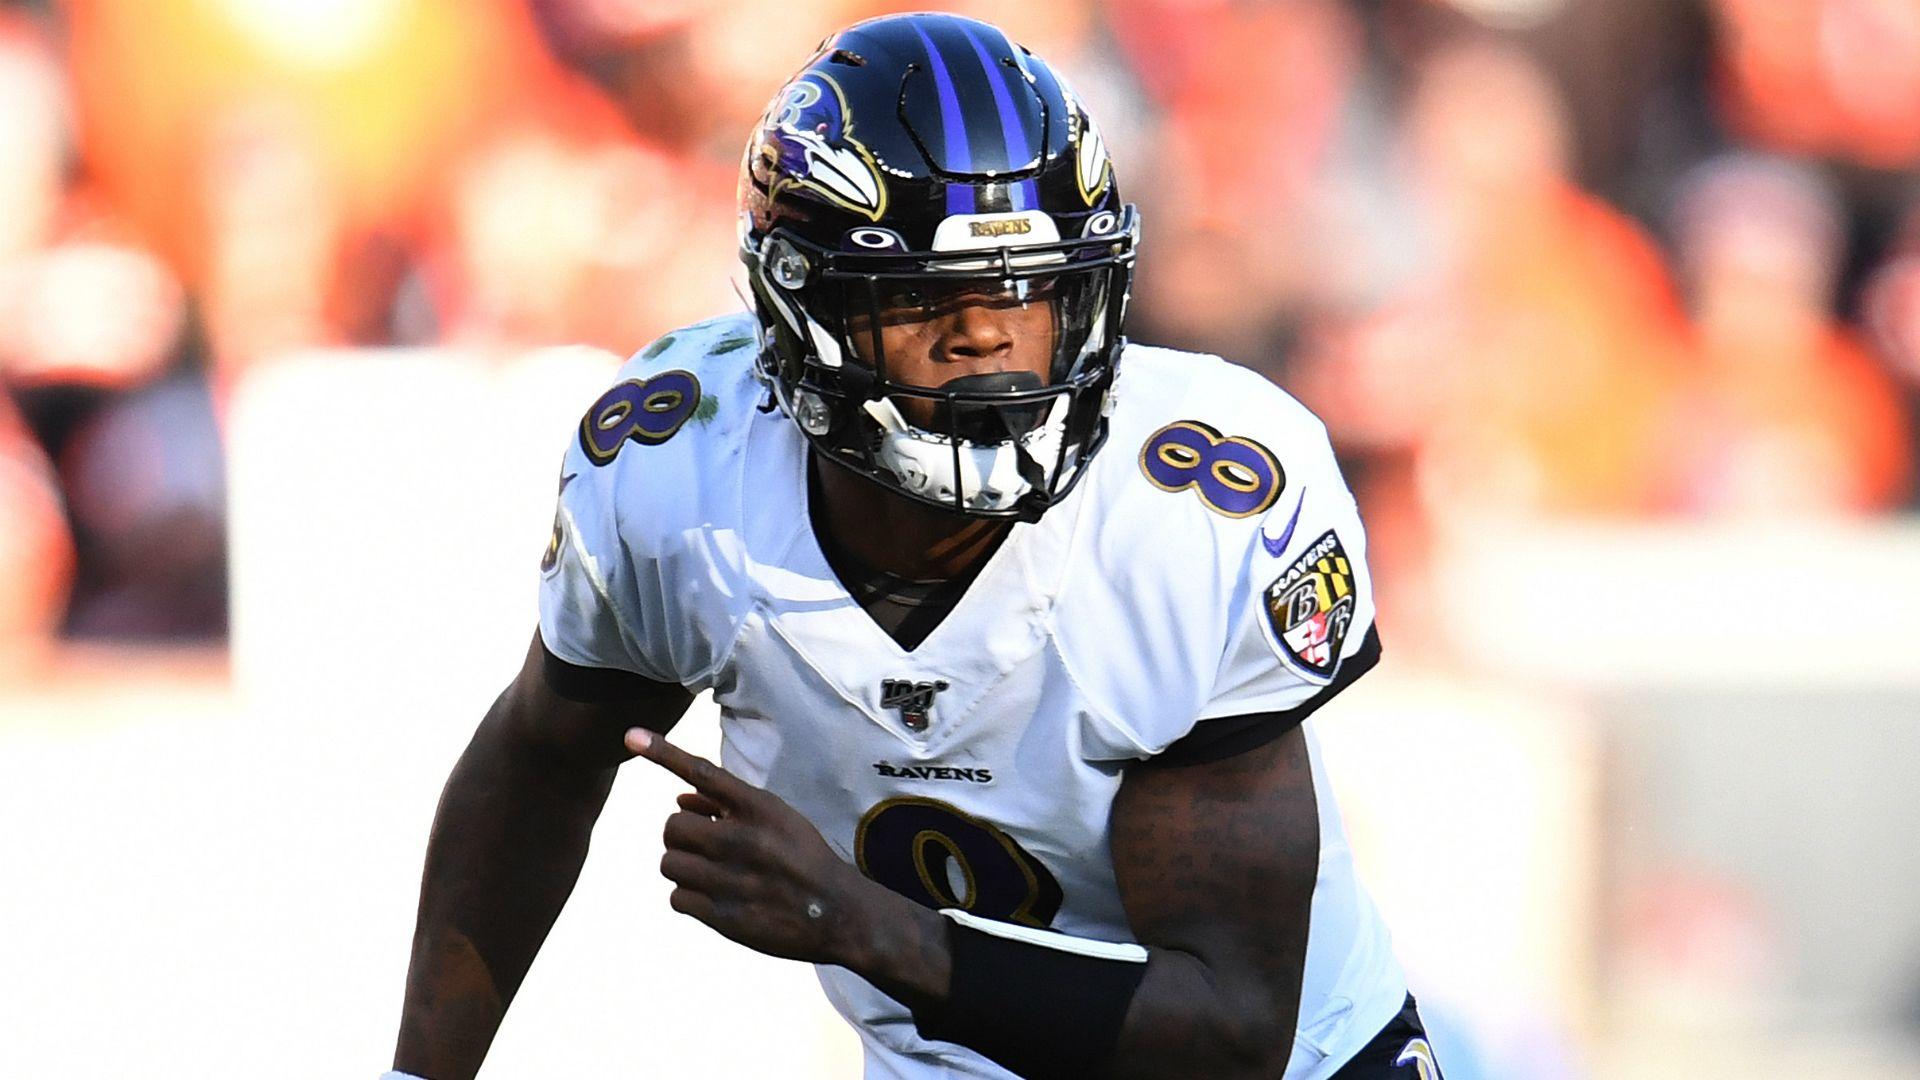 Ravens will rest Lamar Jackson, Mark Ingram against